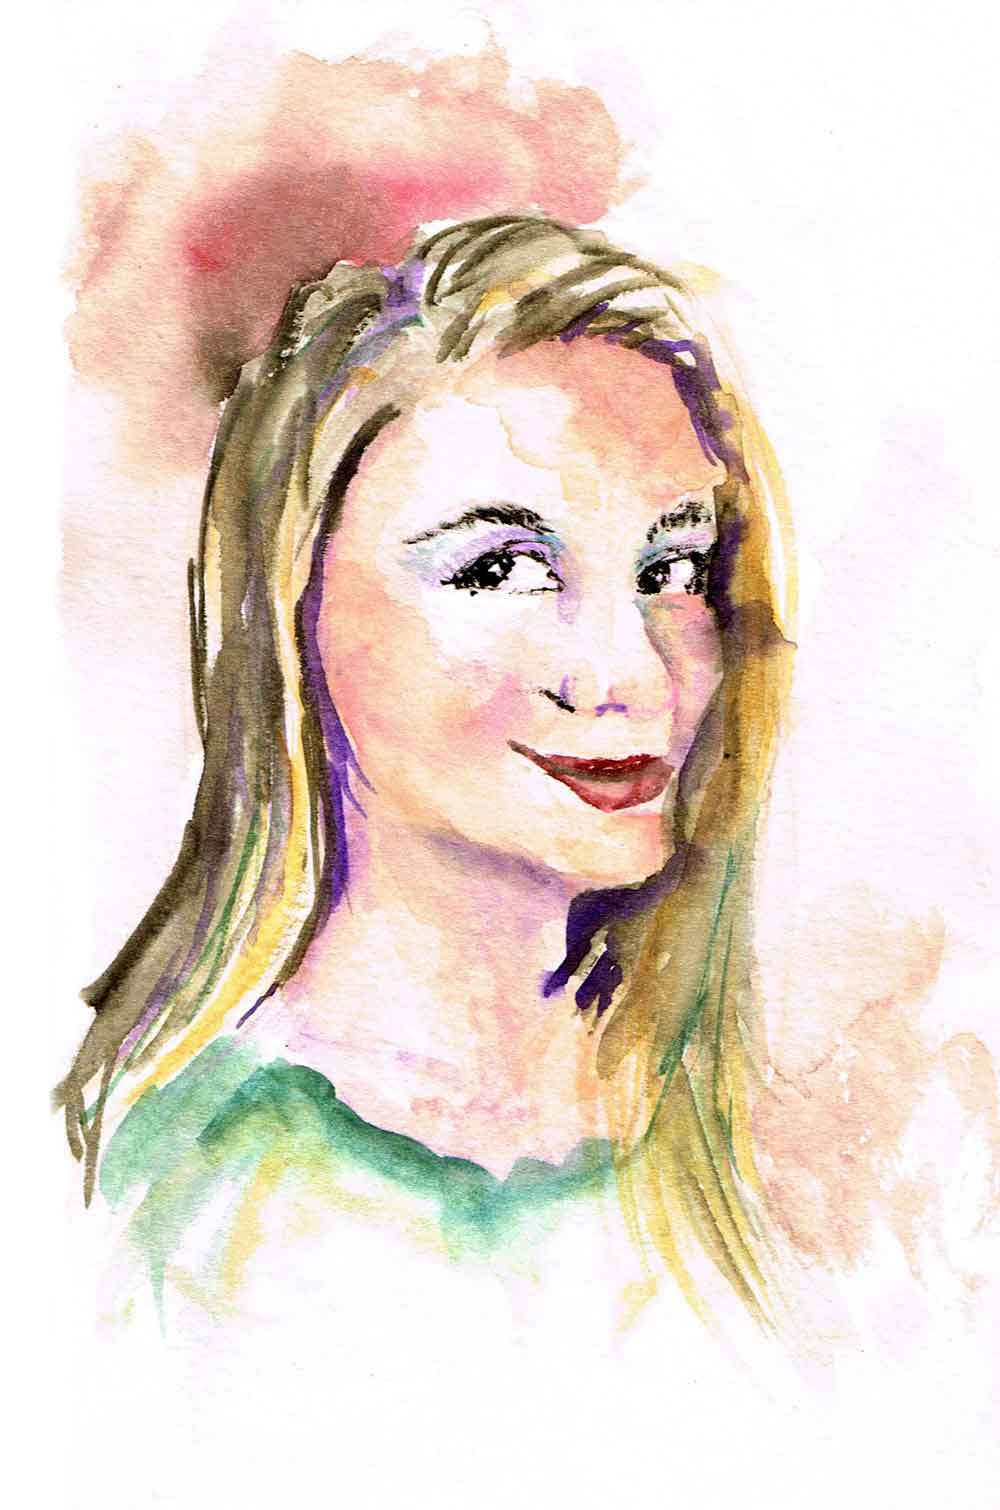 Watercolour-Portraits-2-Blonde-with-a-Secret-kw.jpg